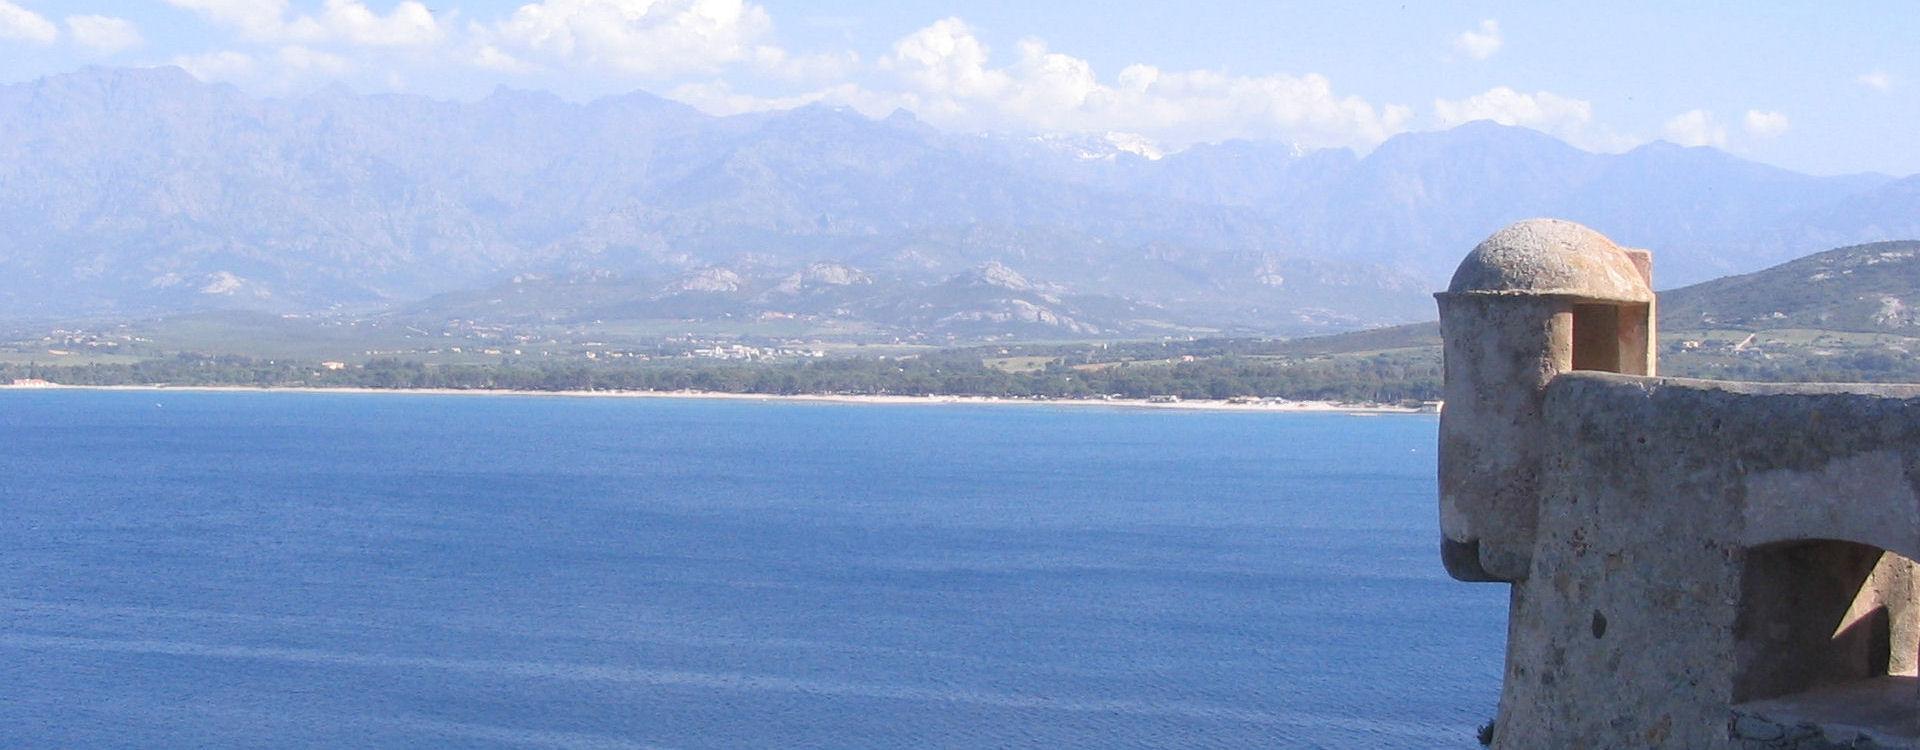 mer-montagne